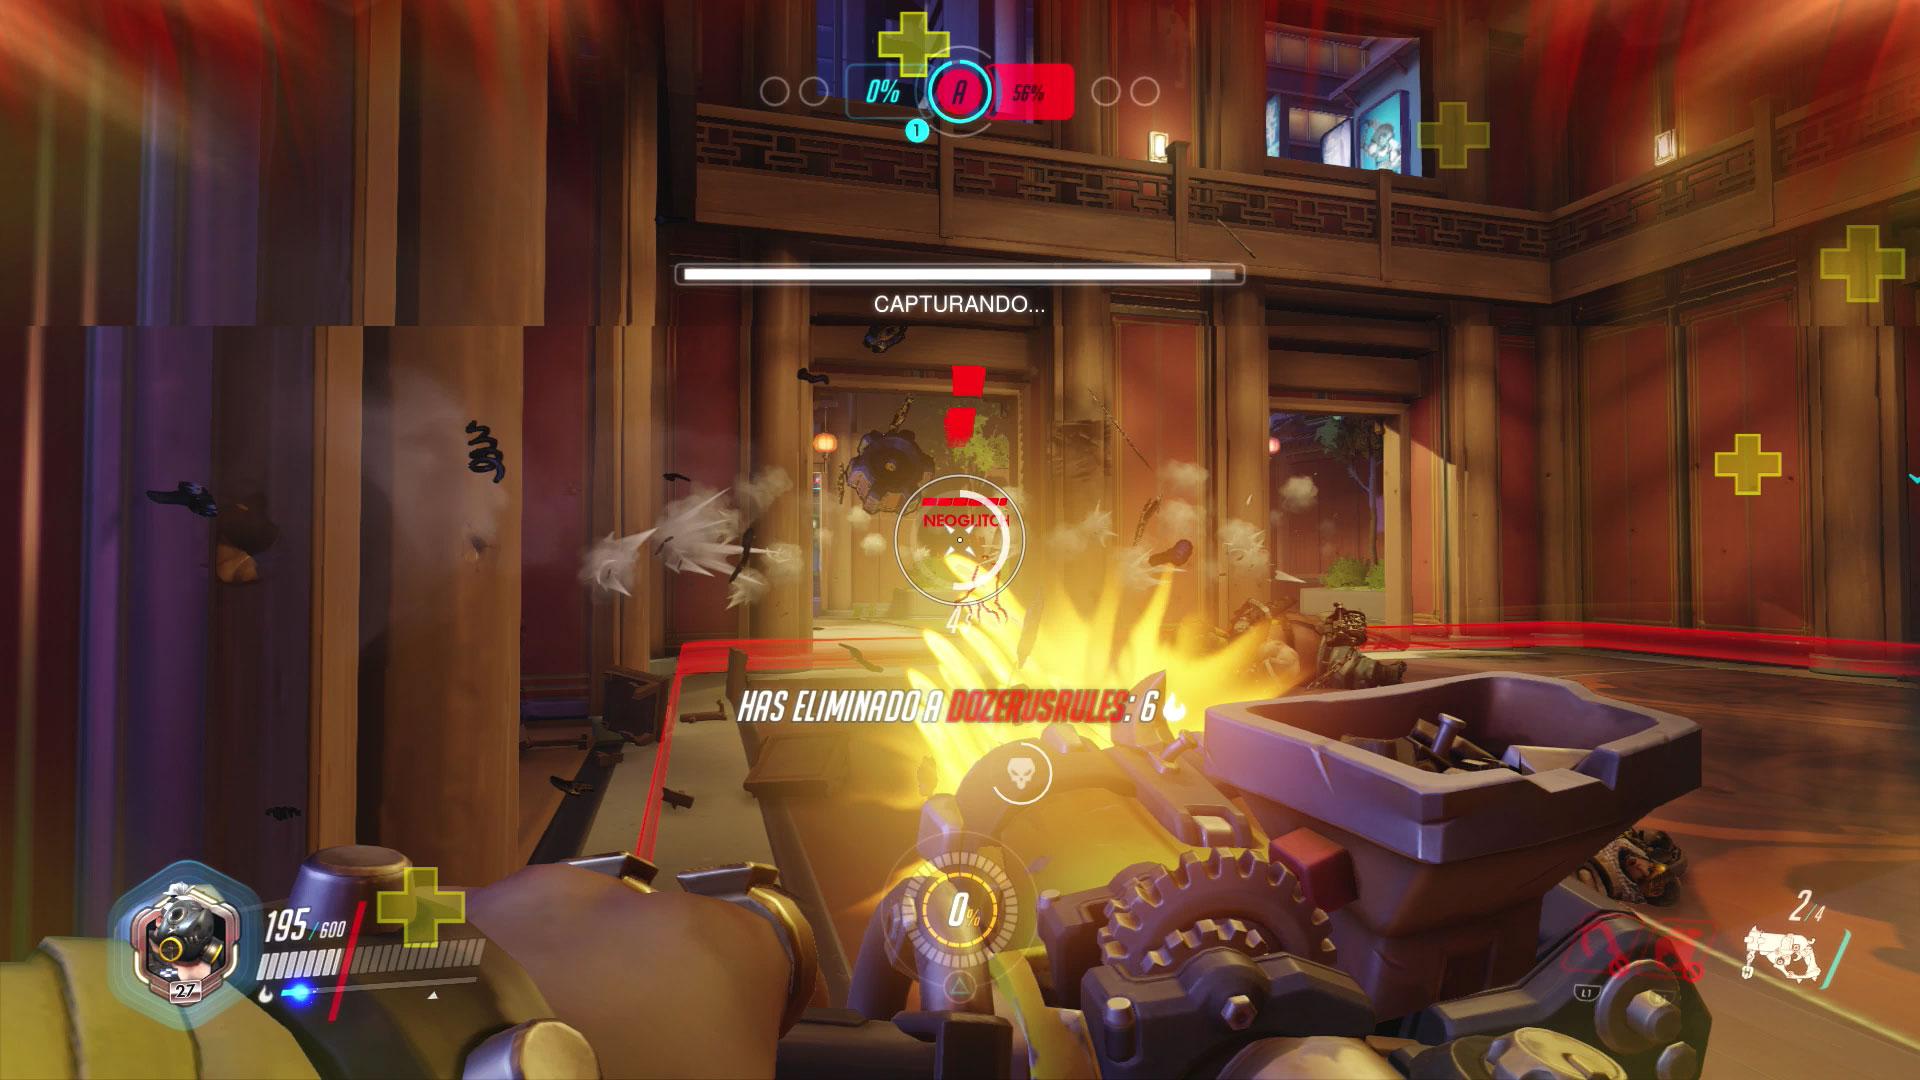 Habilidades de los personajes de Overwatch - Roadhog